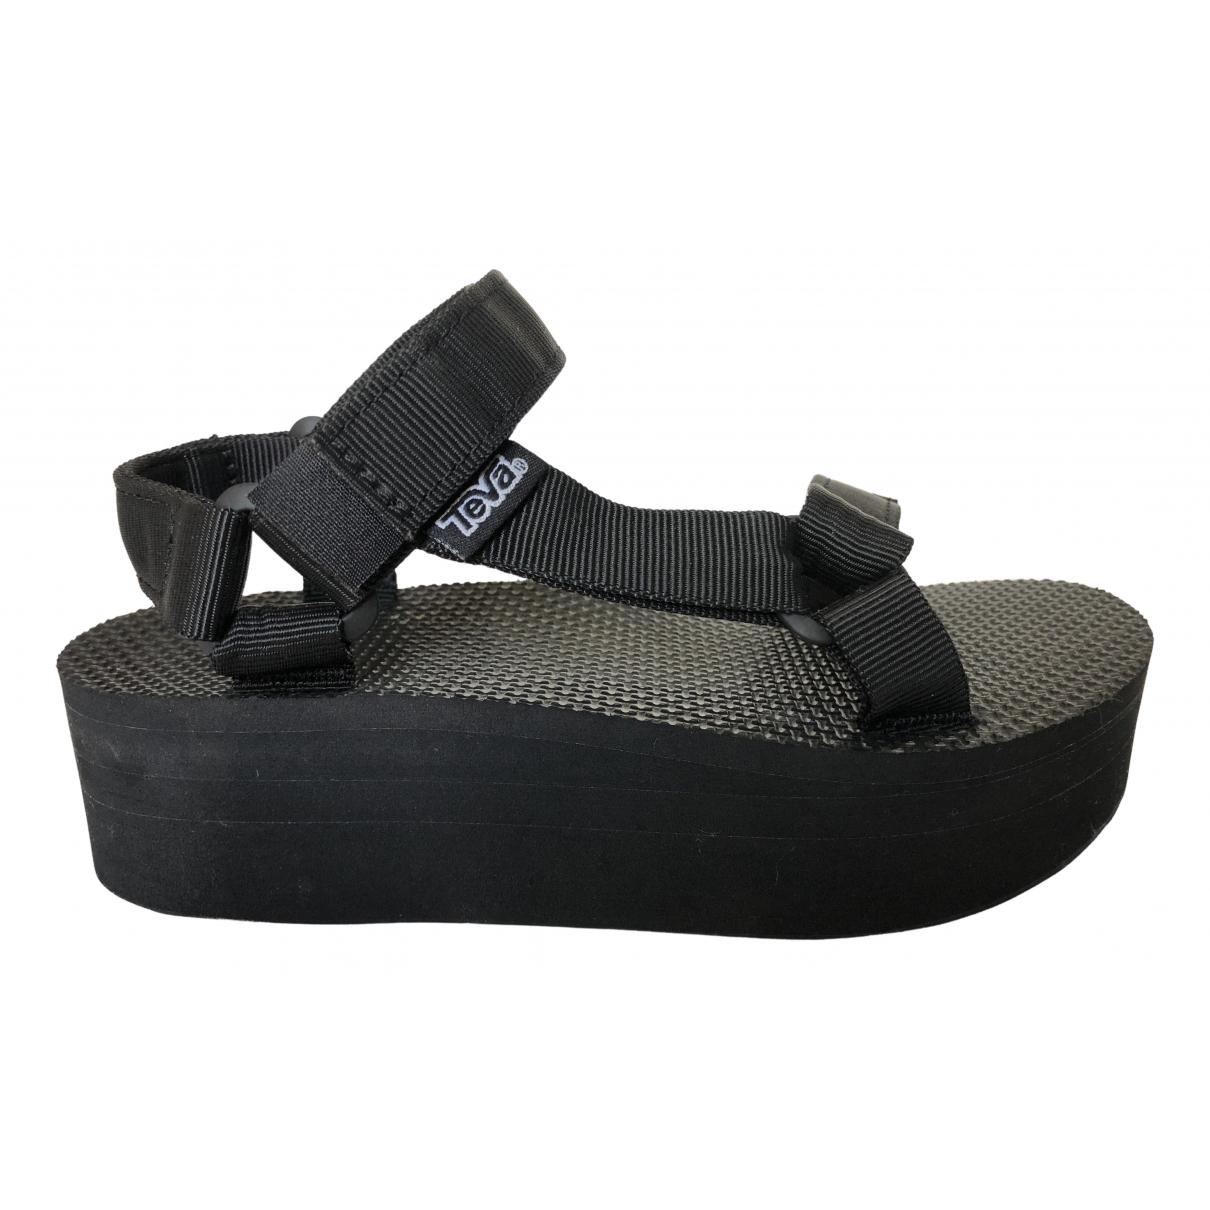 Teva - Sandales   pour femme en toile - noir